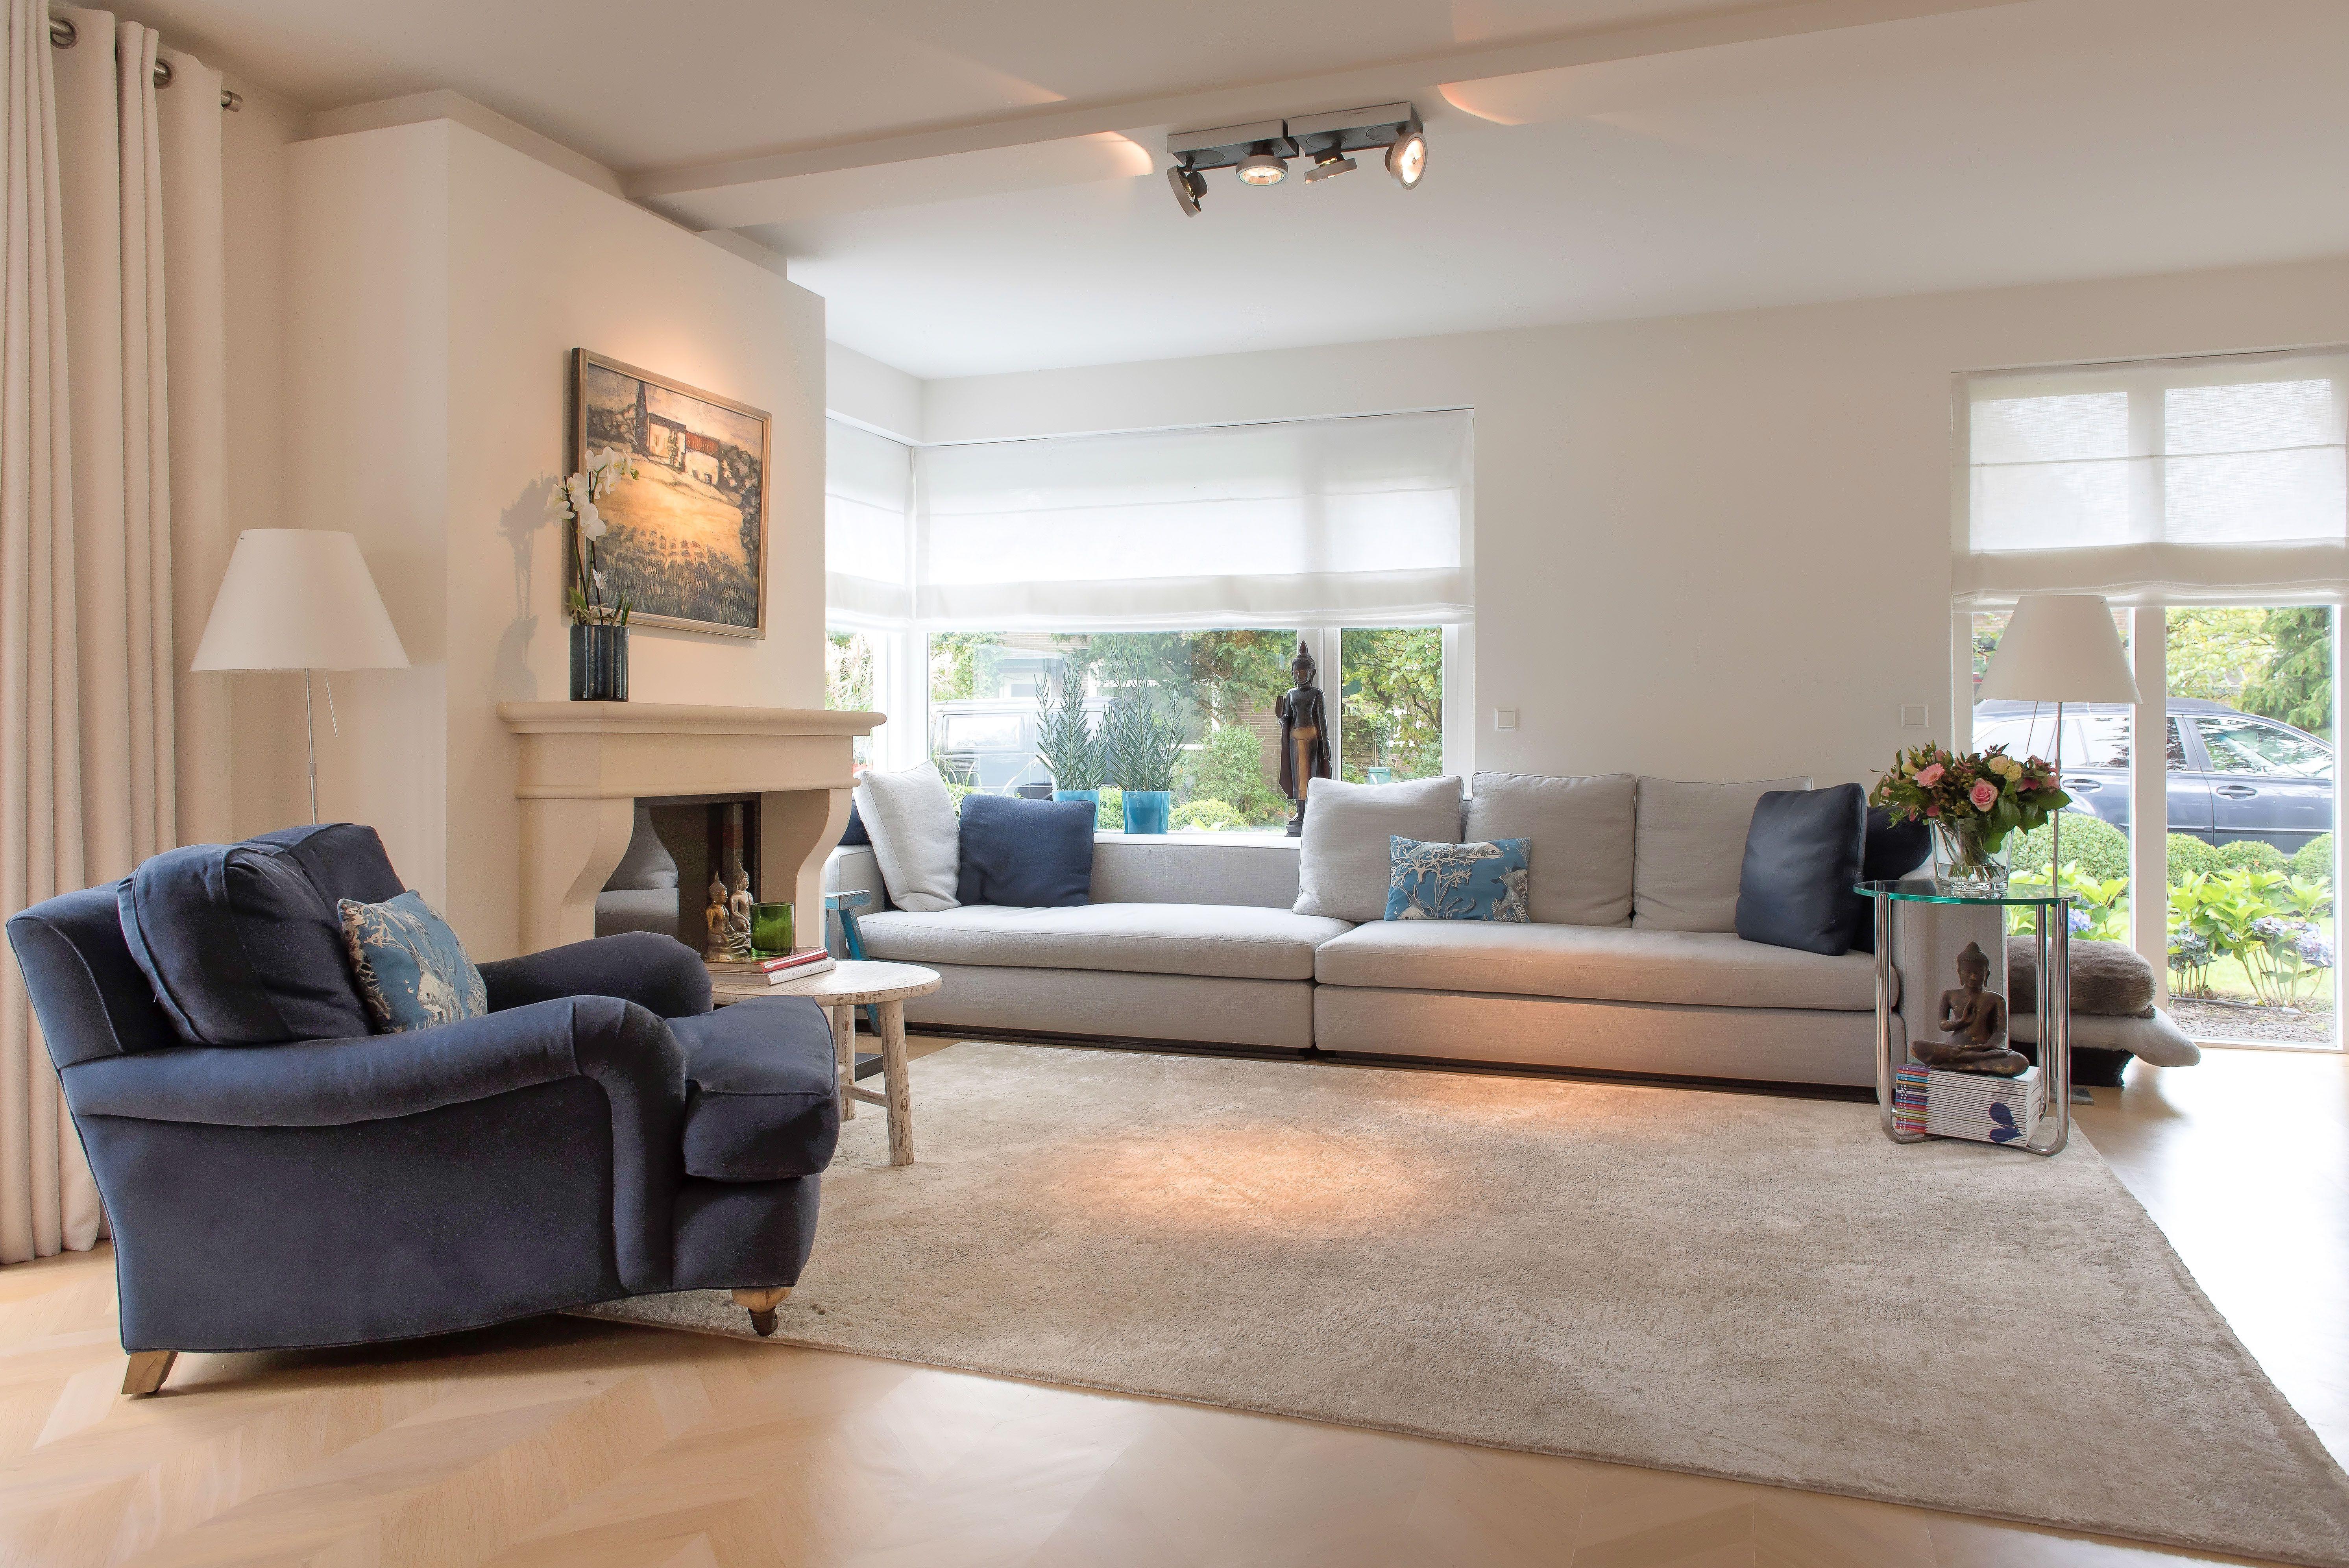 Stijlvolle lichte woonkamer met diverse openslaande tuindeuren ...